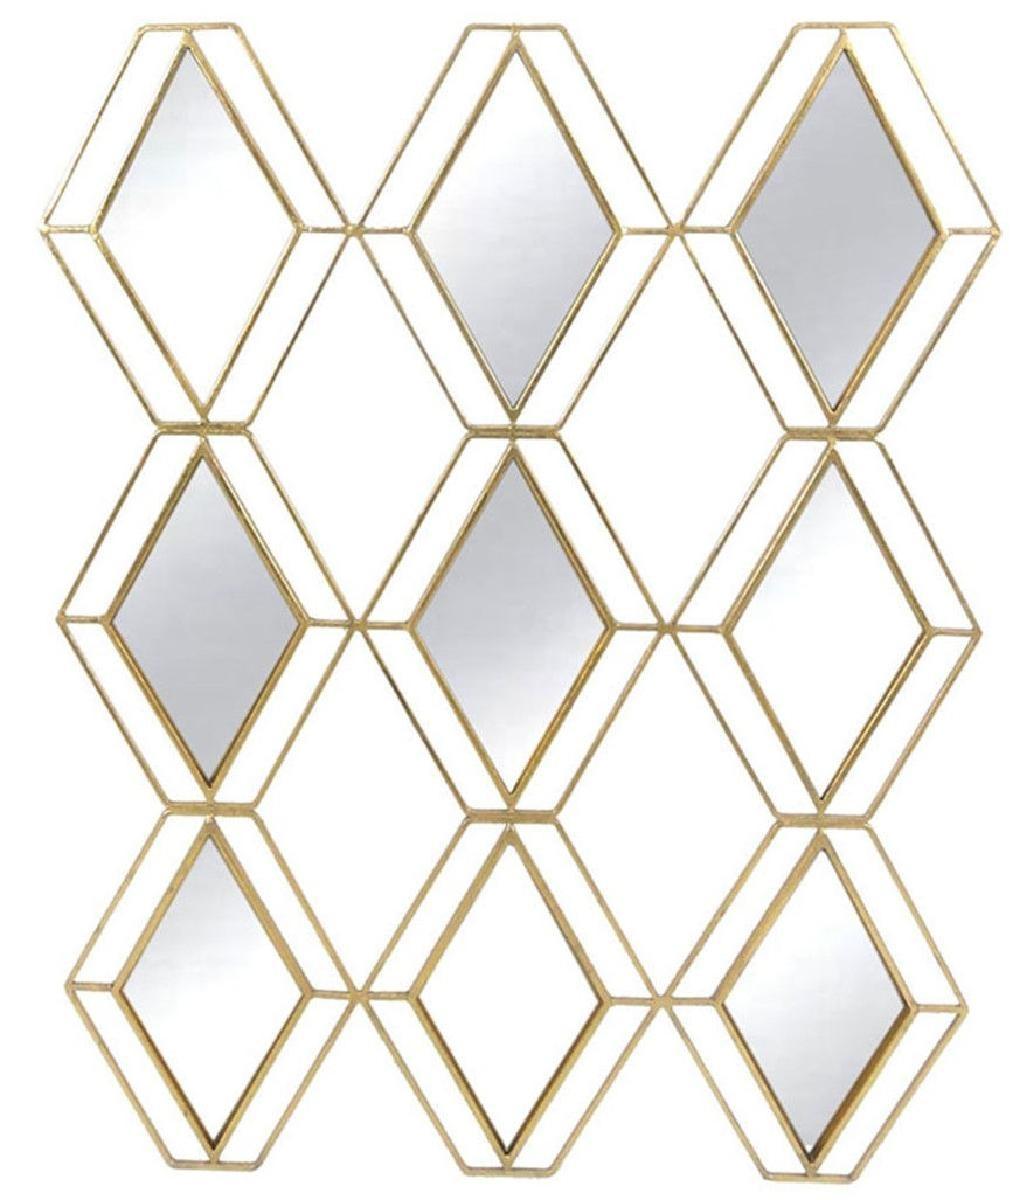 miroir metal losange 68x89x1,5 cm